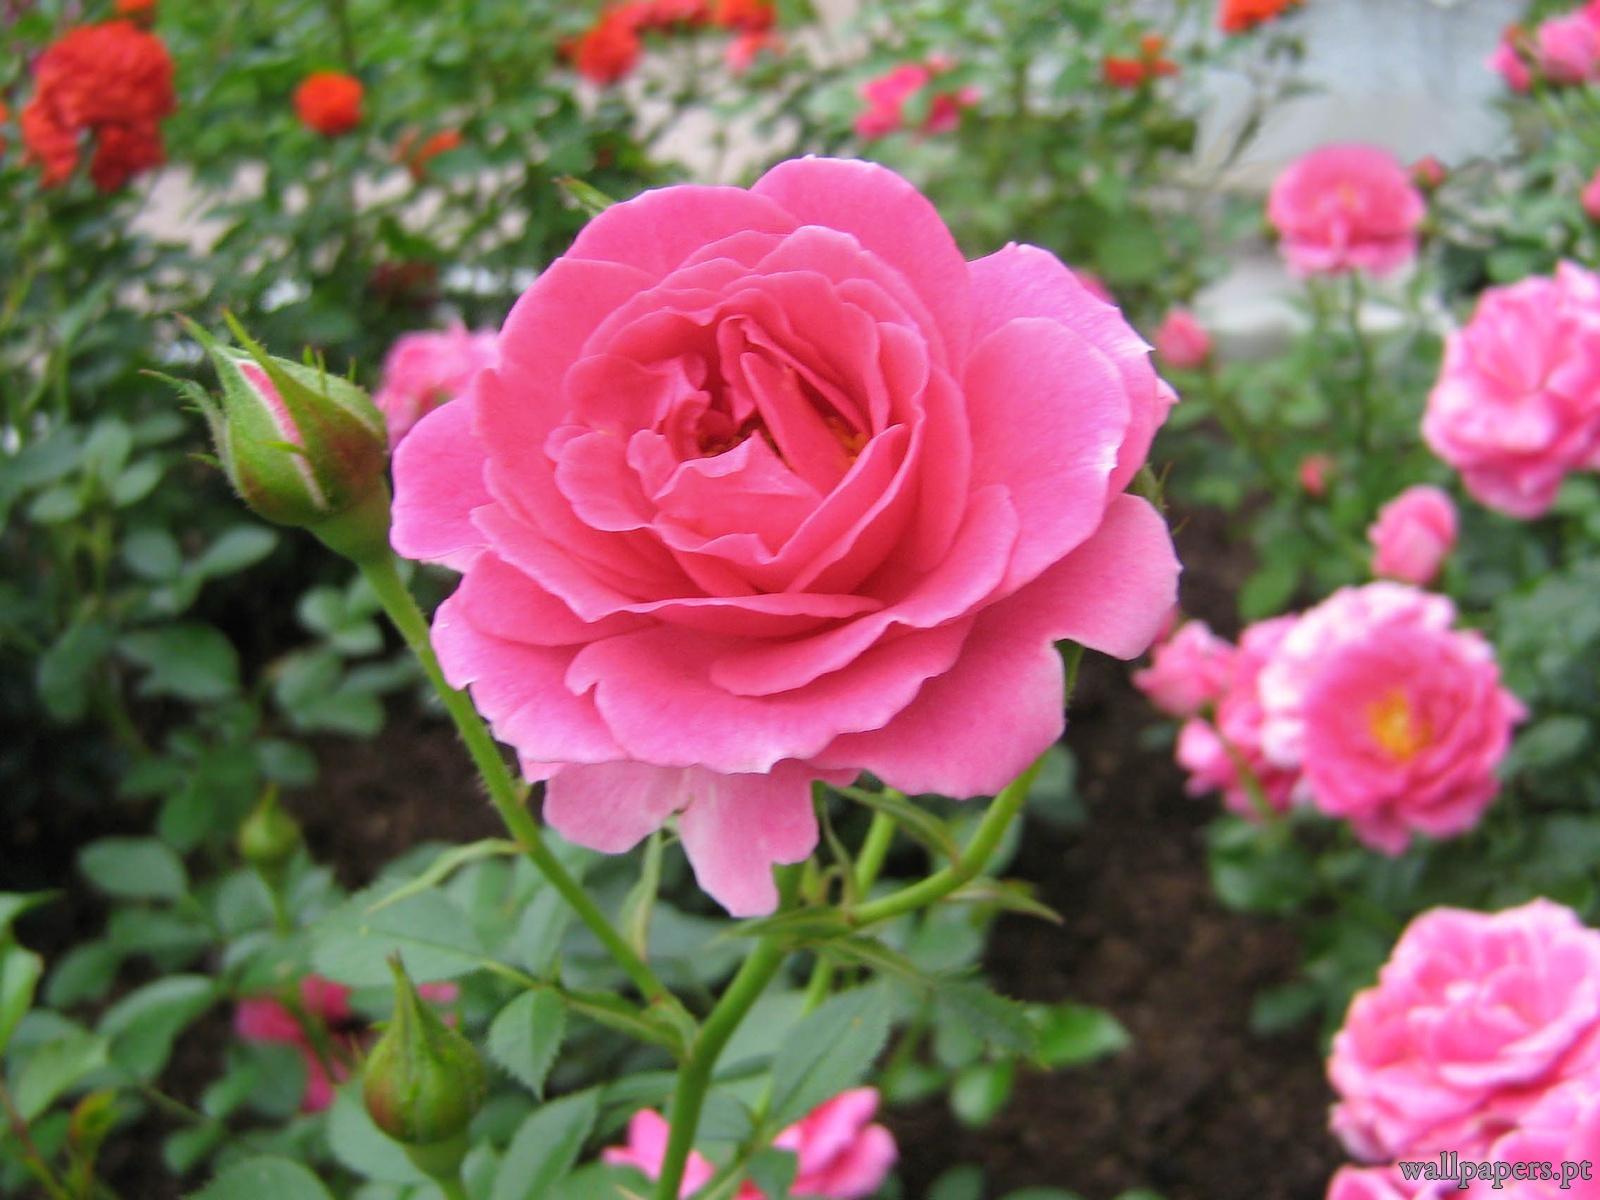 rosas no jardim de deus : rosas no jardim de deus:sábado, 17 de novembro de 2012